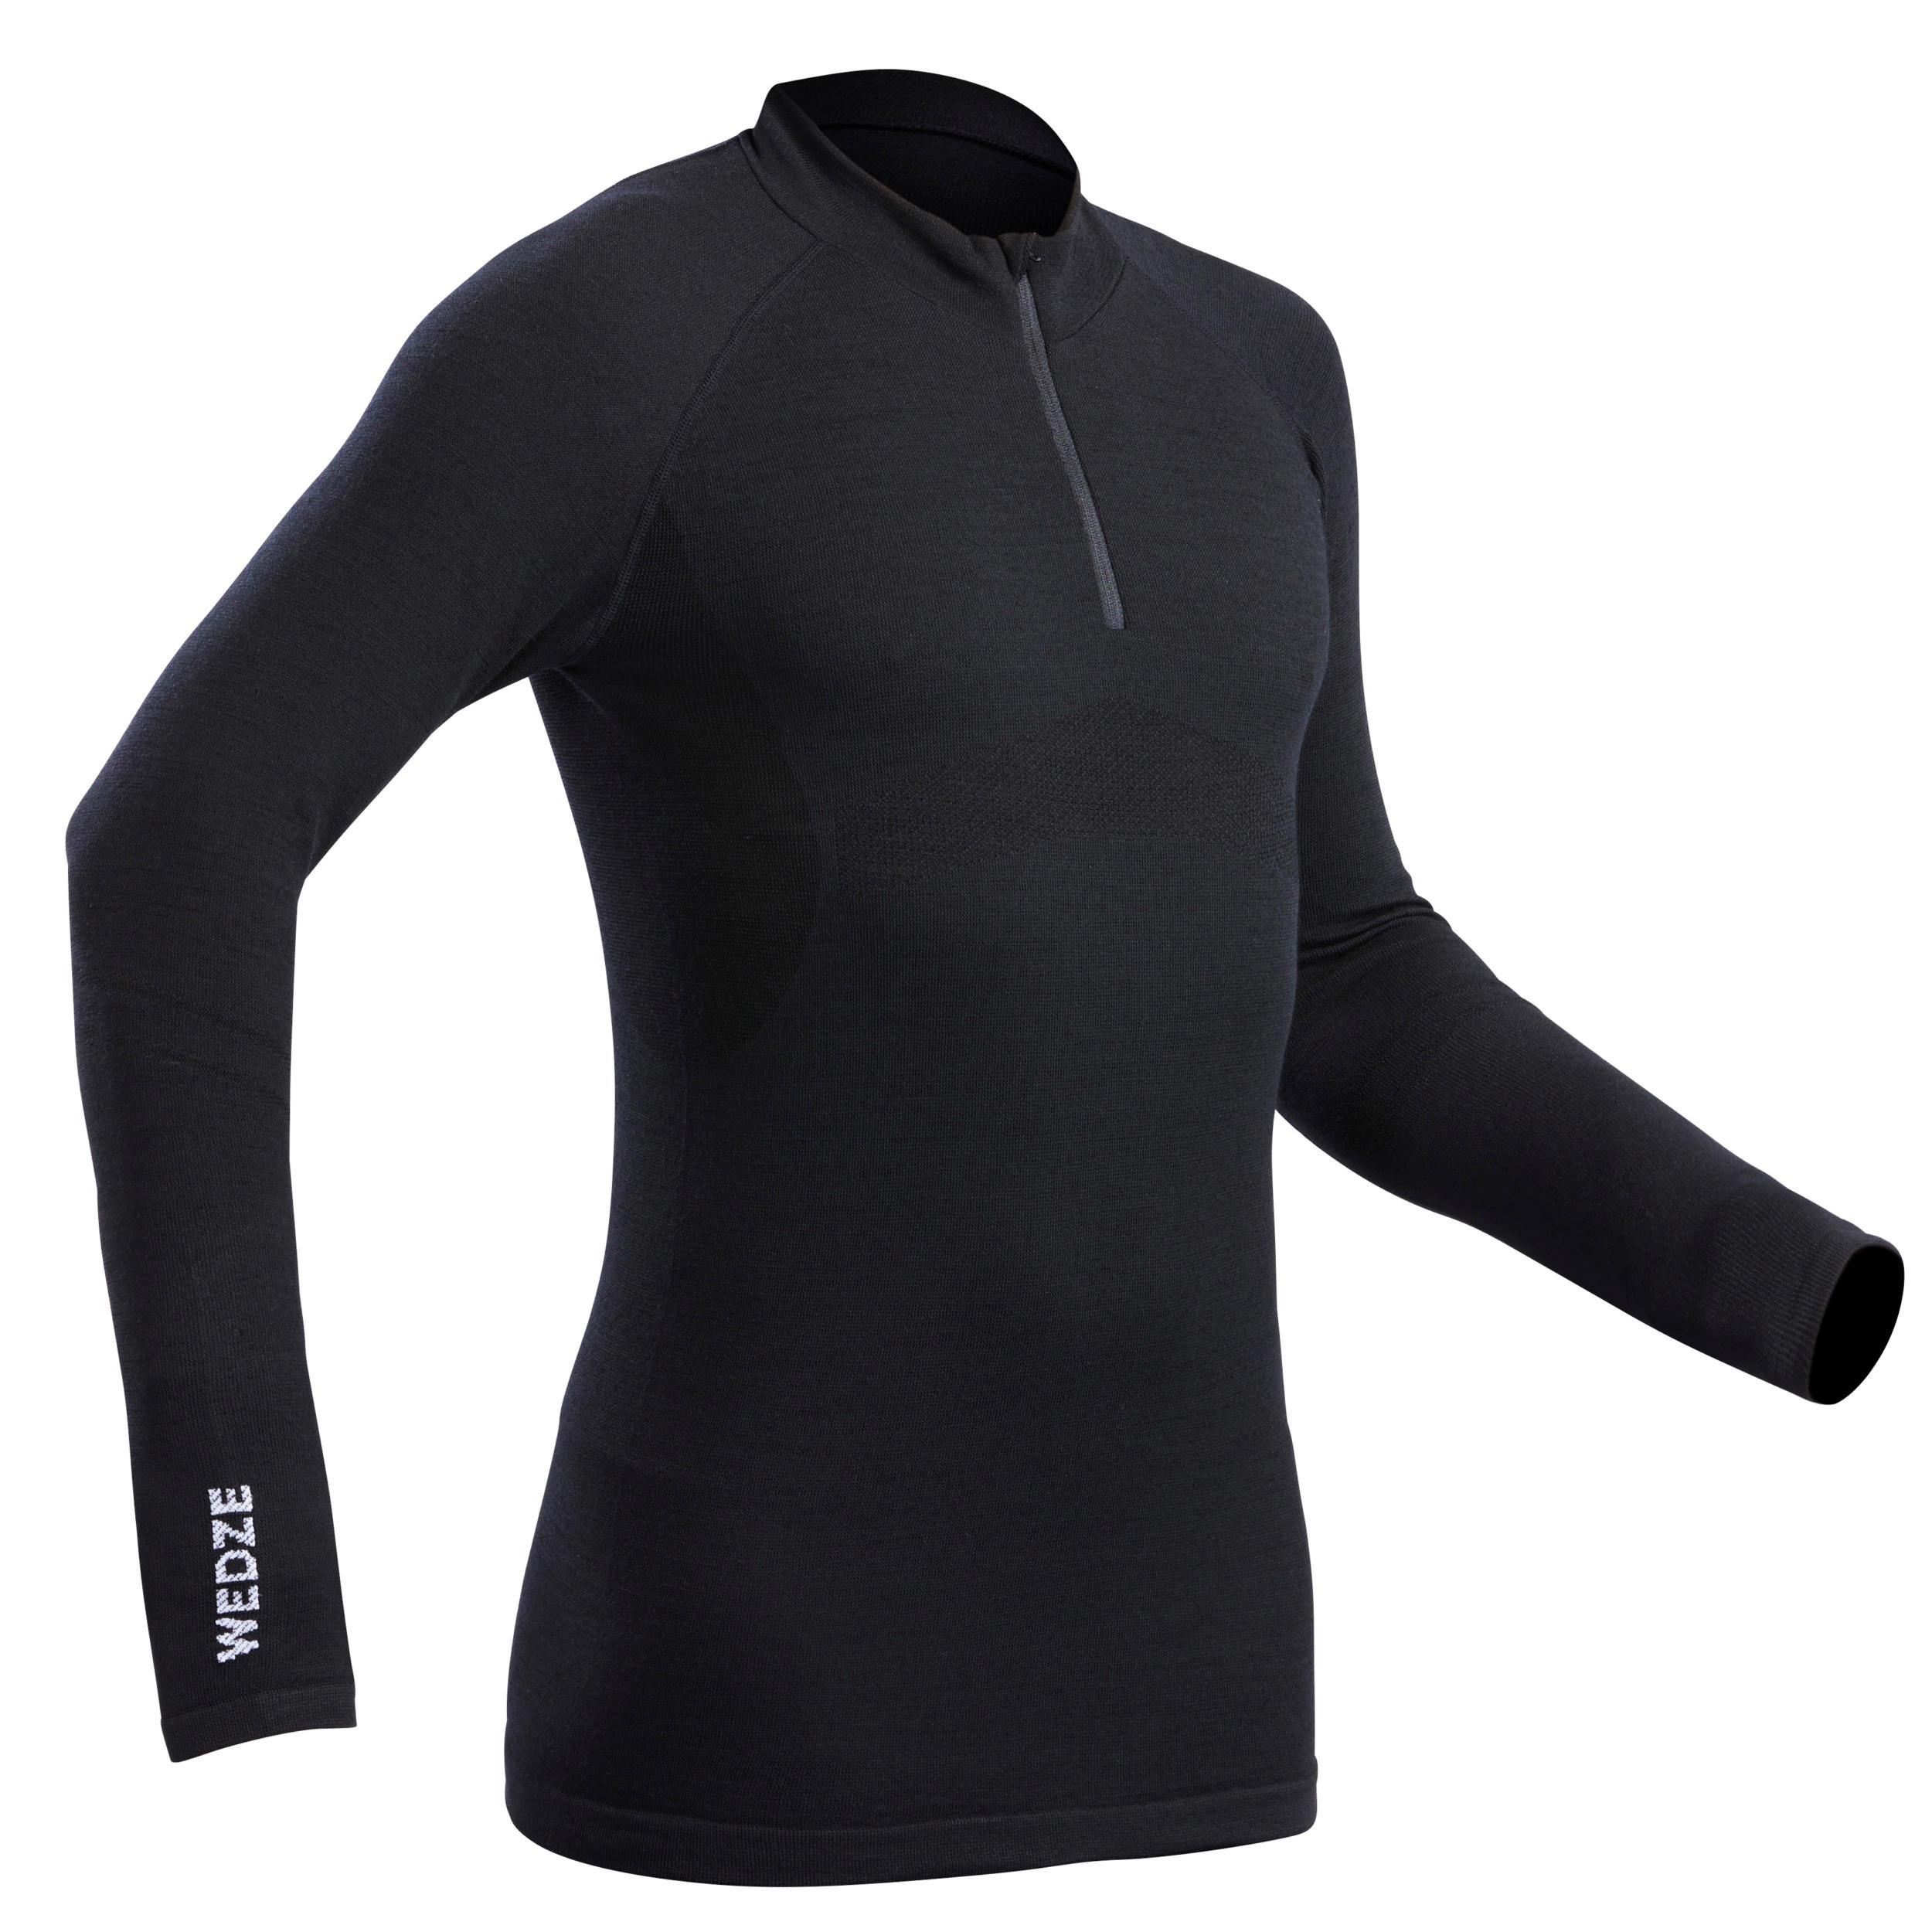 profiter de la livraison gratuite plusieurs couleurs styles de mode Sous vetement de ski thermique | DECATHLON